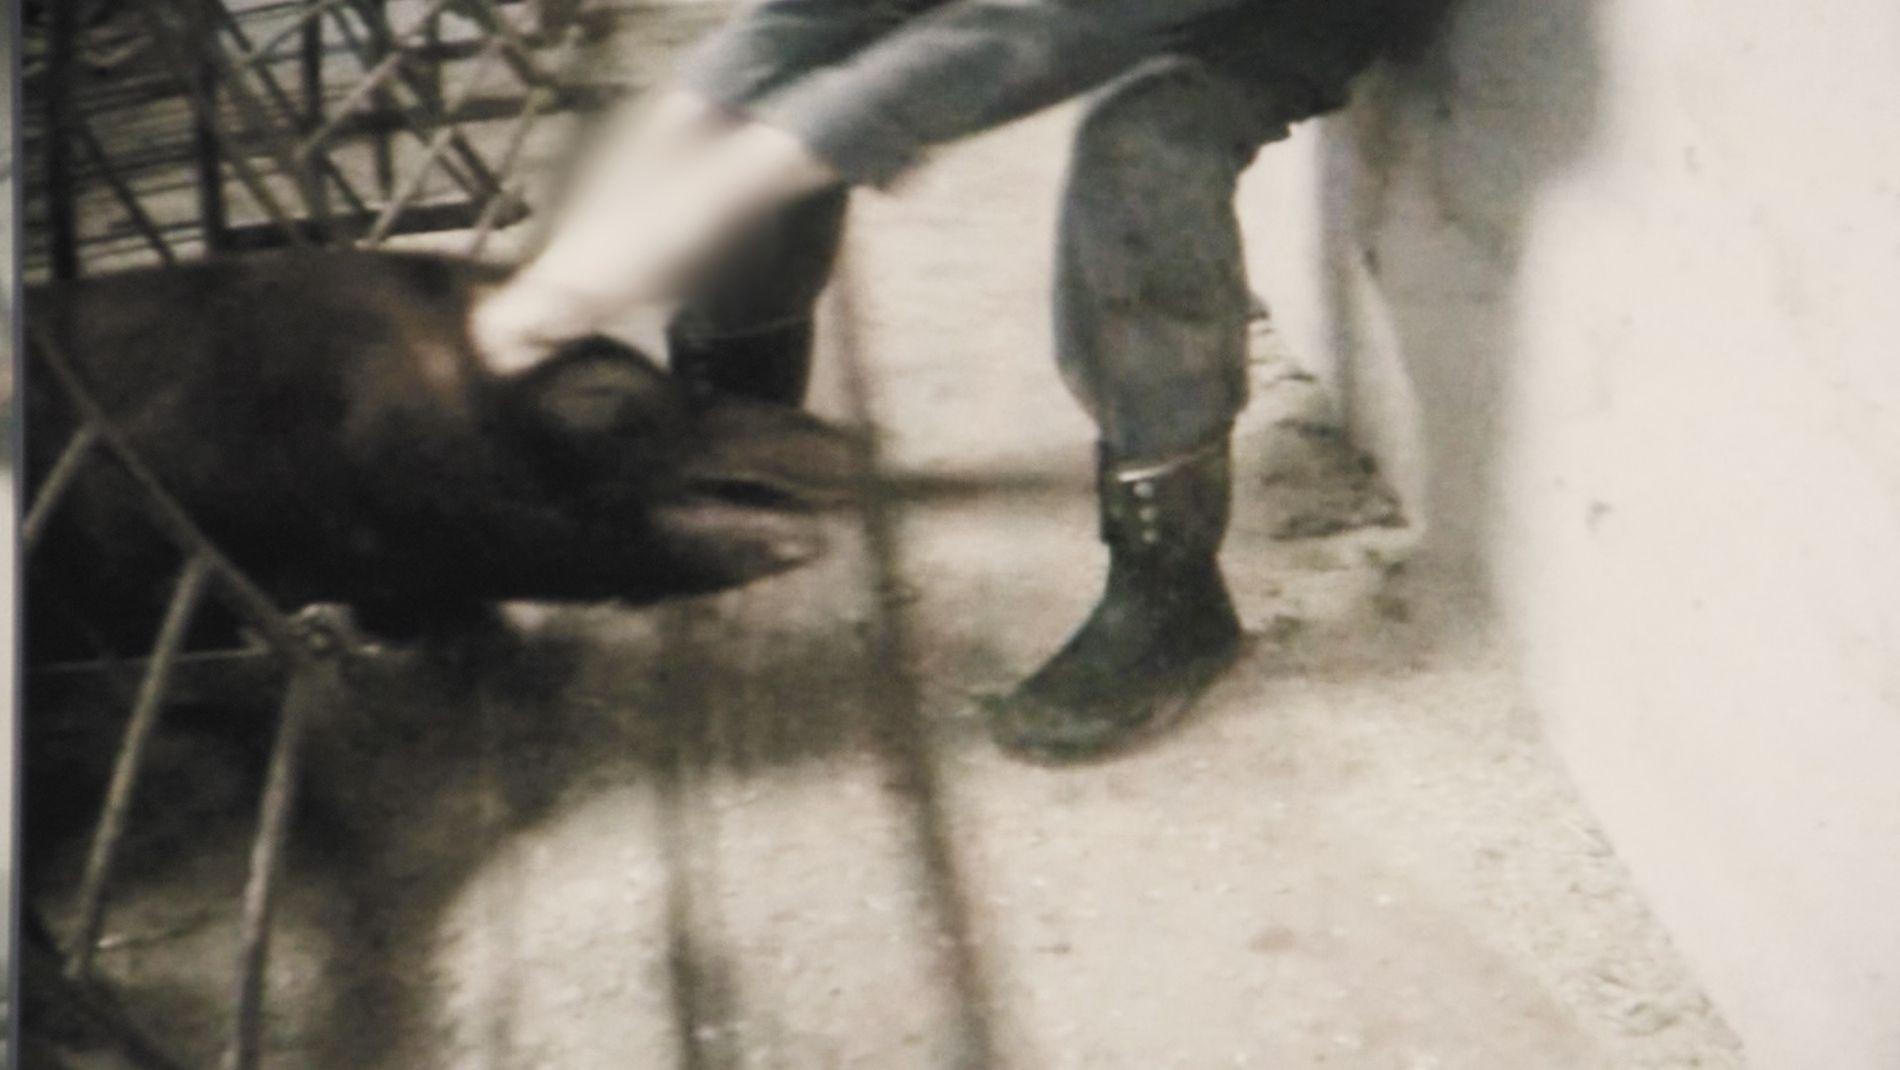 FRA FILMEN: Denne scenen fra Brennpunkt-dokumentaren viser en bonde som drar en gris etter hodet og ørene. Bonden leverer fortsatt kjøtt til Nortura.